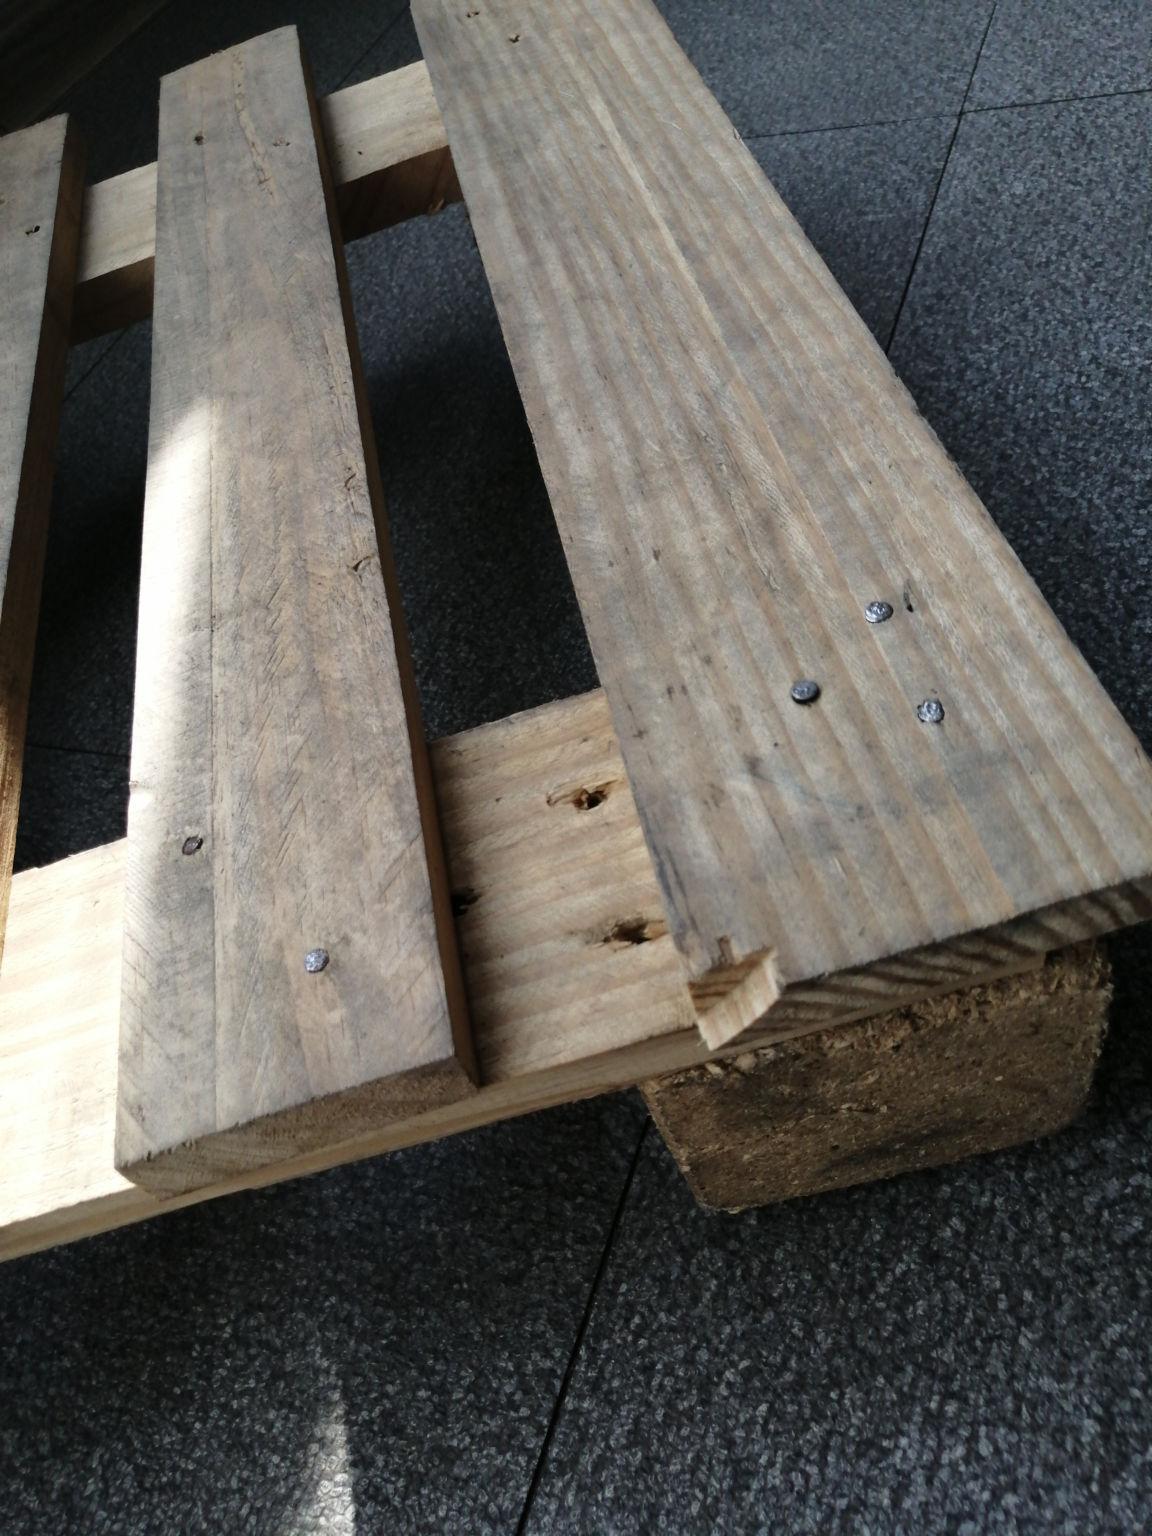 杨木??,㍠➳┾┮手木托盘厂家-杨木??,⊙⇉∴╊≨手木托盘厂家、公司、?,⌒✵◑【┠?业